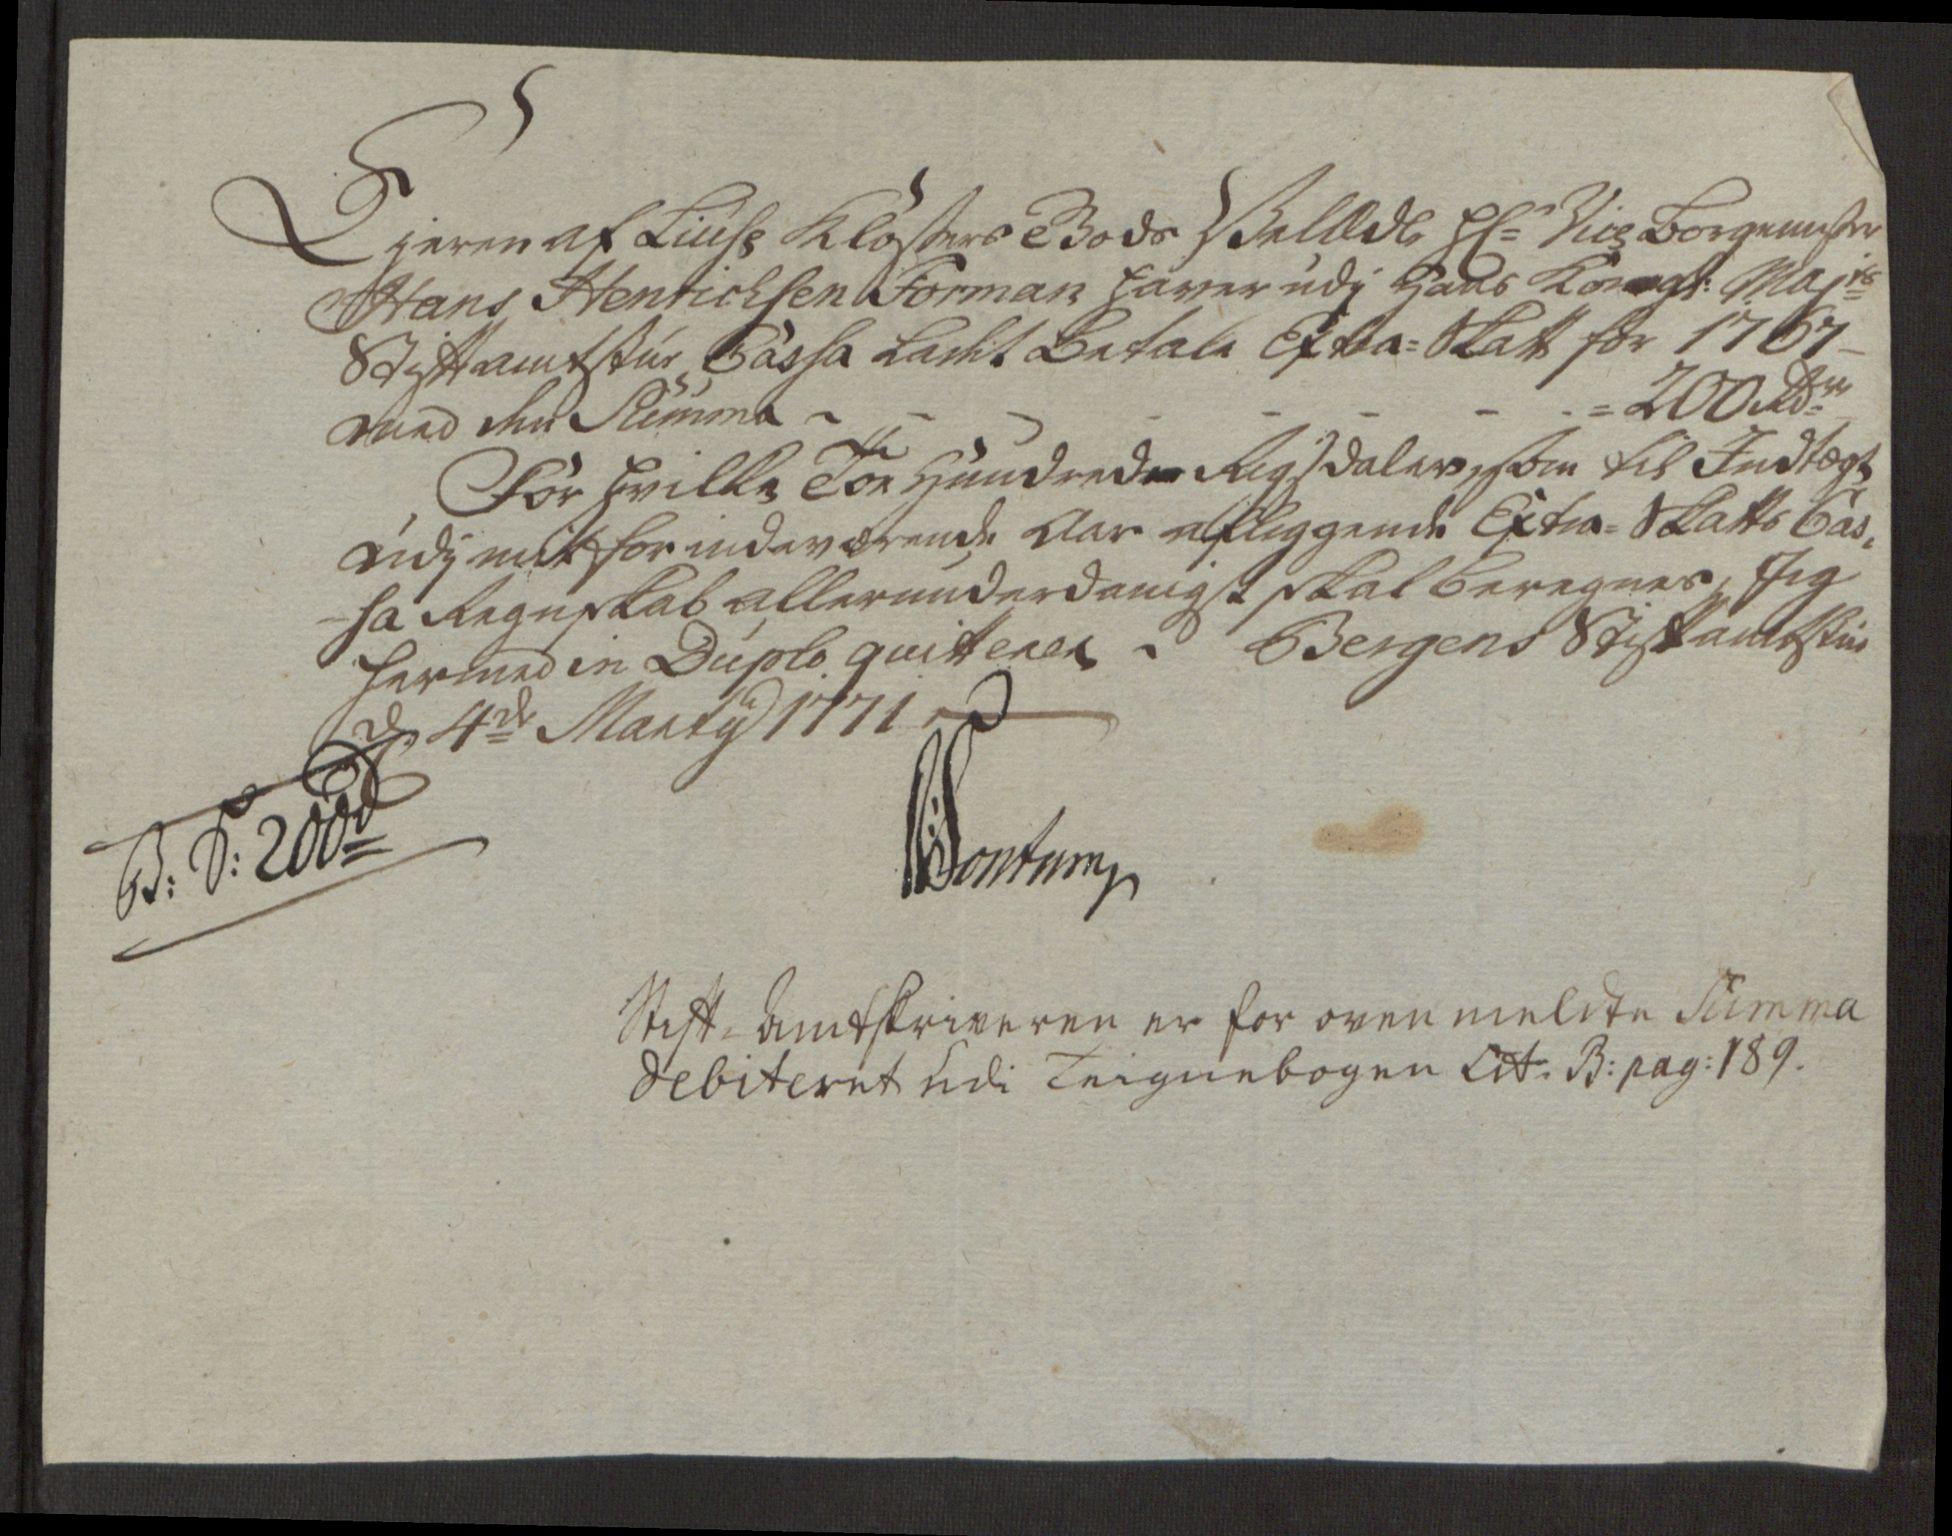 RA, Rentekammeret inntil 1814, Reviderte regnskaper, Fogderegnskap, R50/L3180: Ekstraskatten Lyse kloster, 1762-1783, s. 184